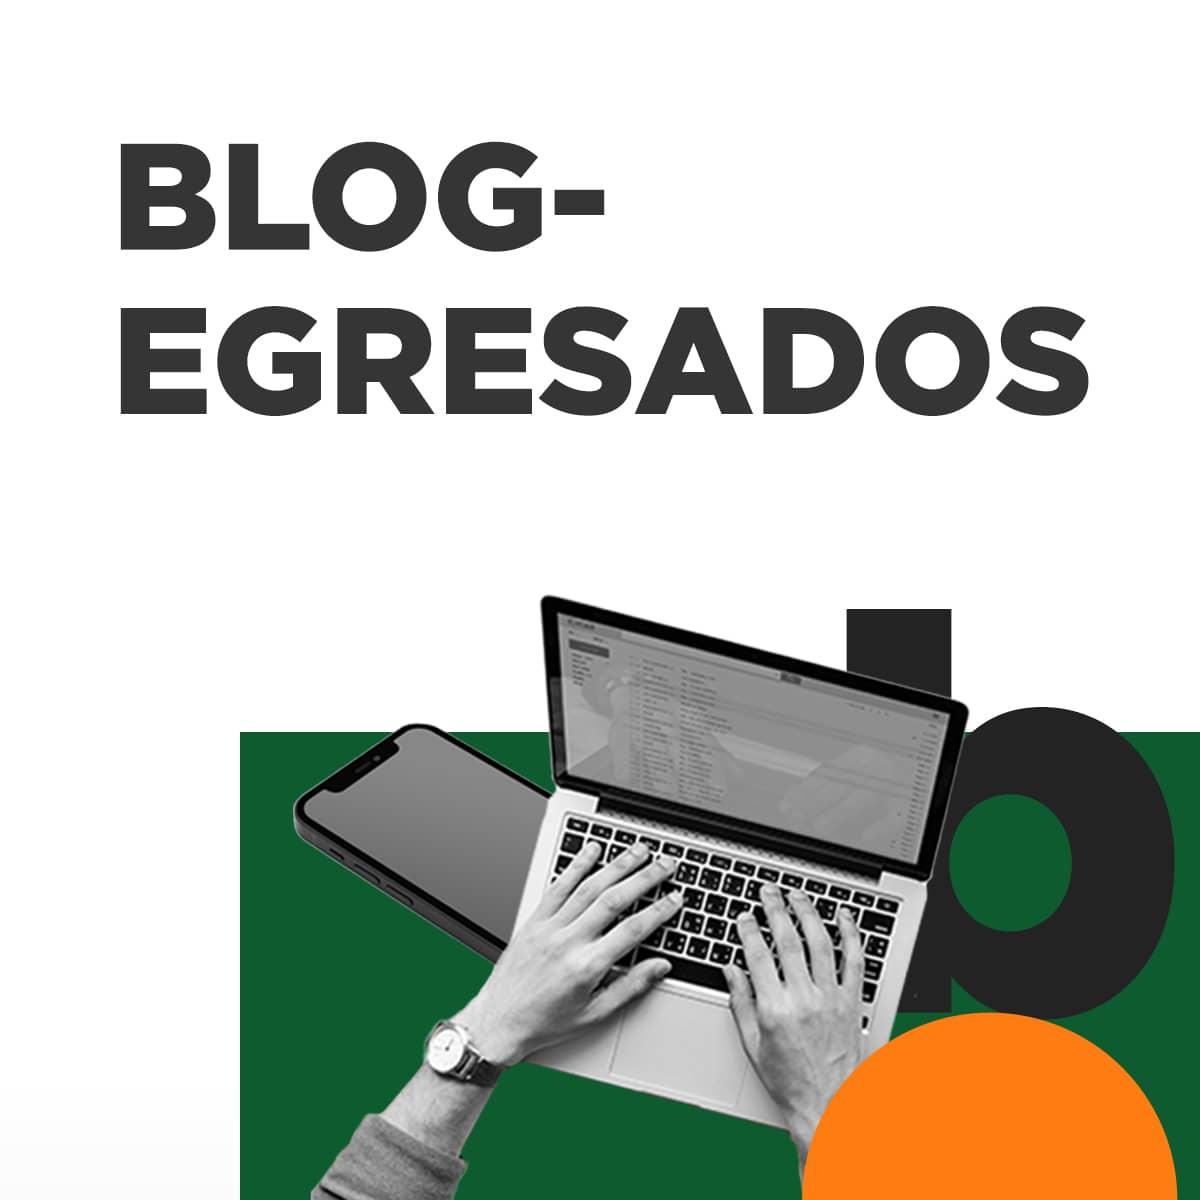 Blog Egresados